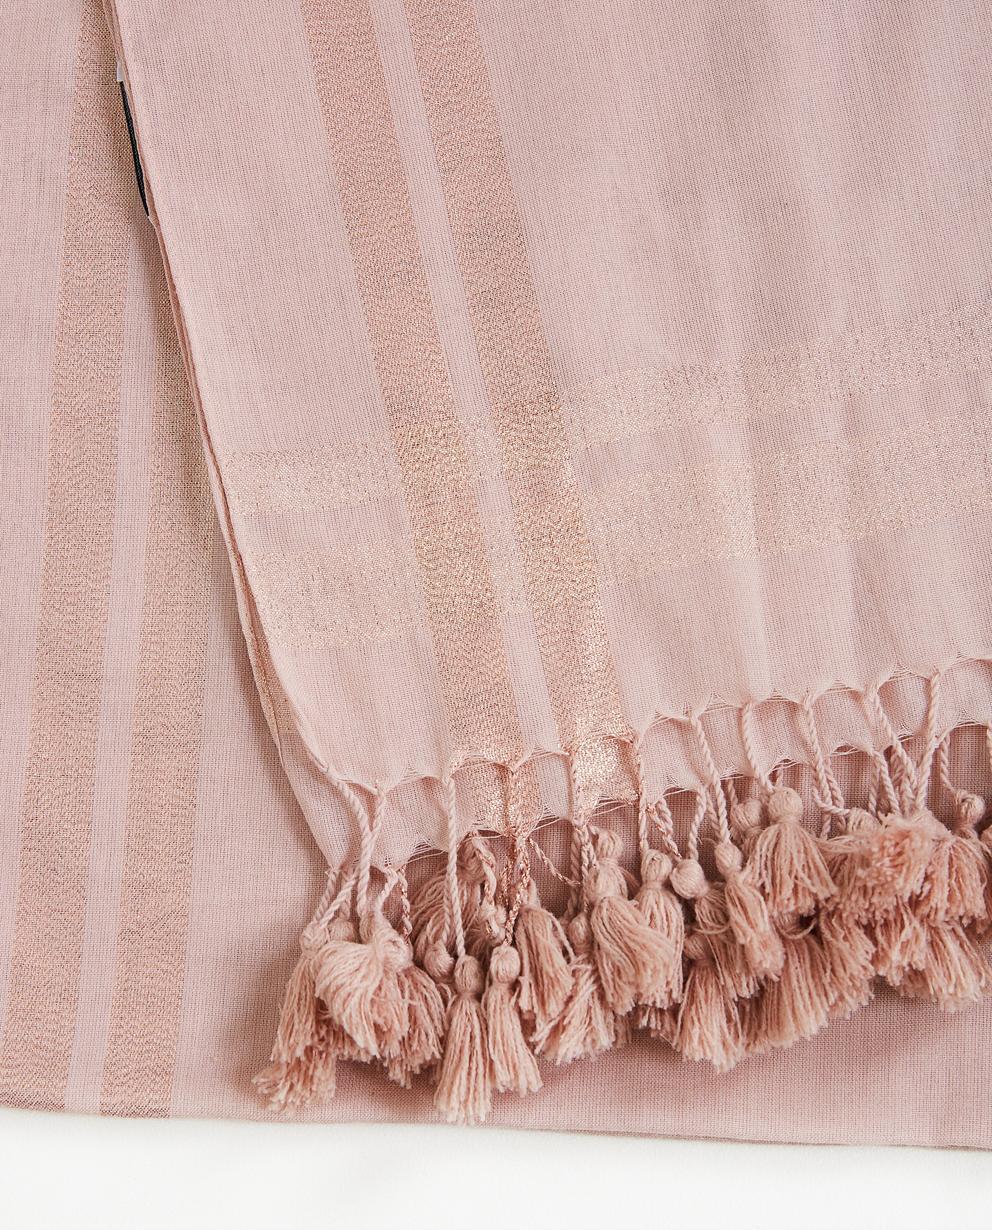 fc40dfa7967 ... avec des franges - none. Bonneterie - pink - Écharpe vieux rose